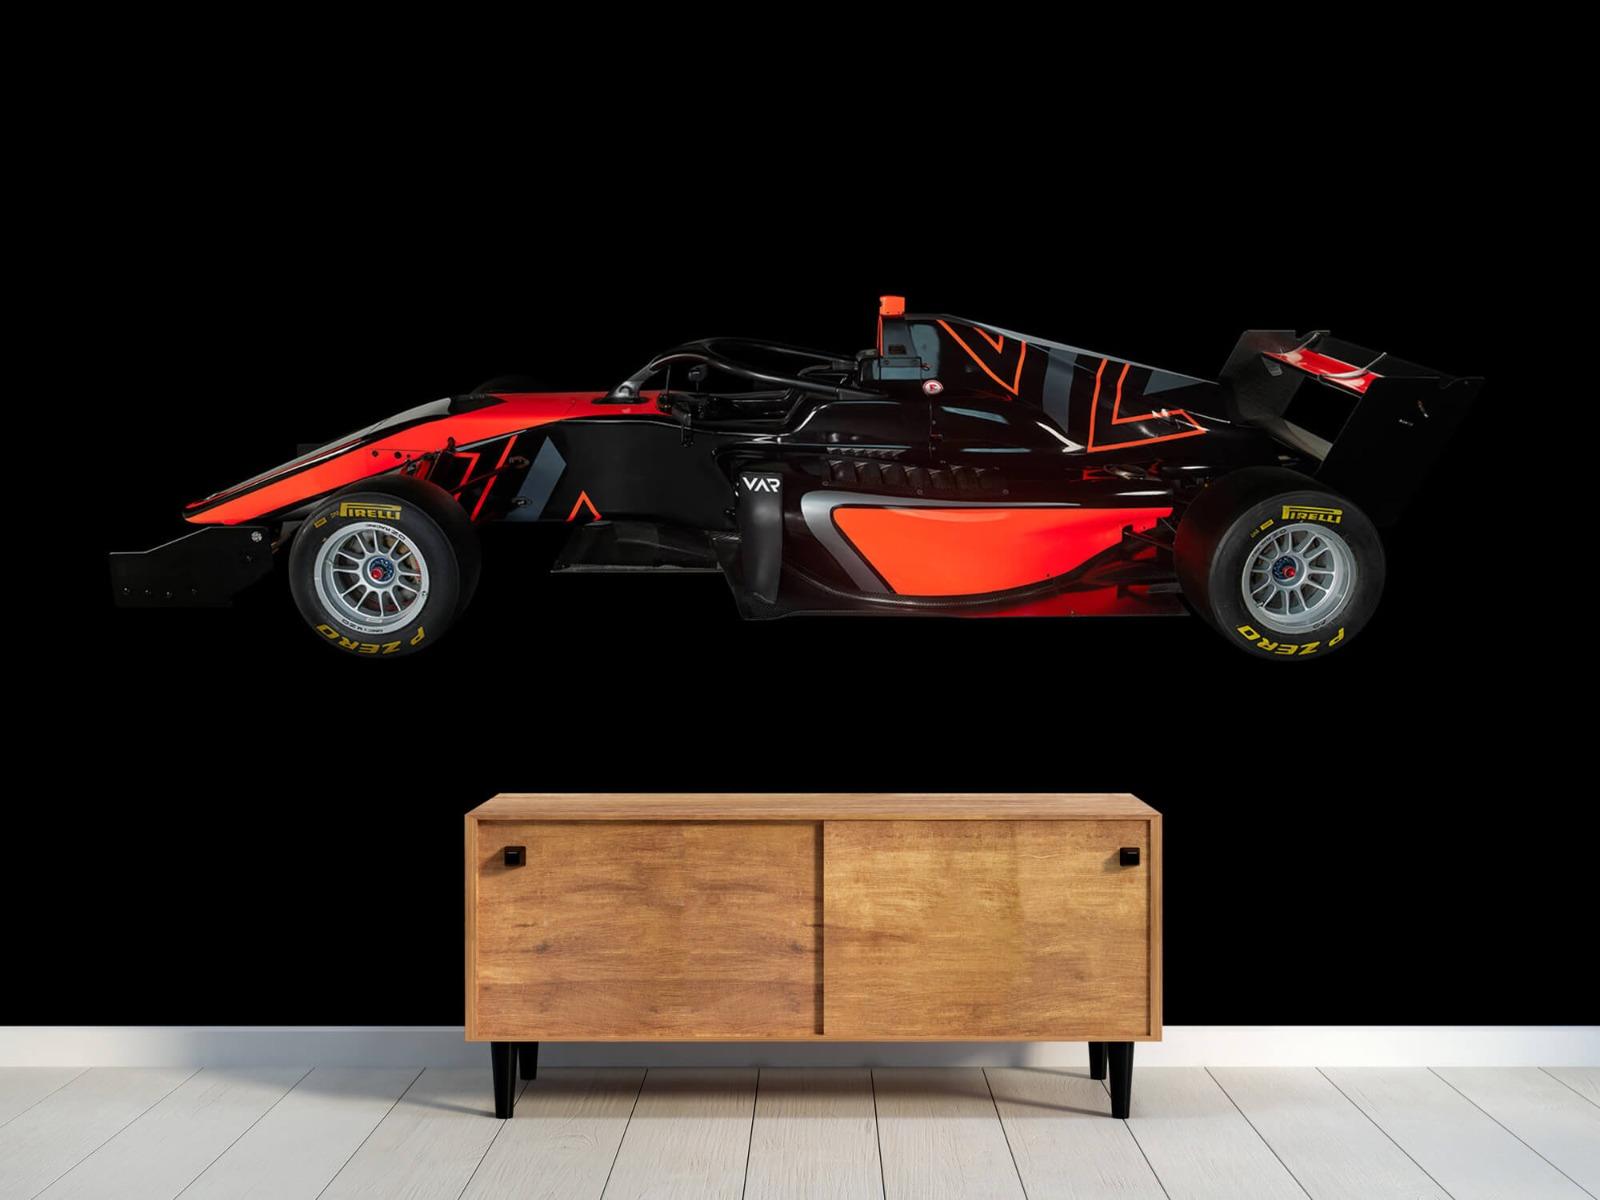 Sportauto's - Formula 3 - Side view - dark - Garage 10